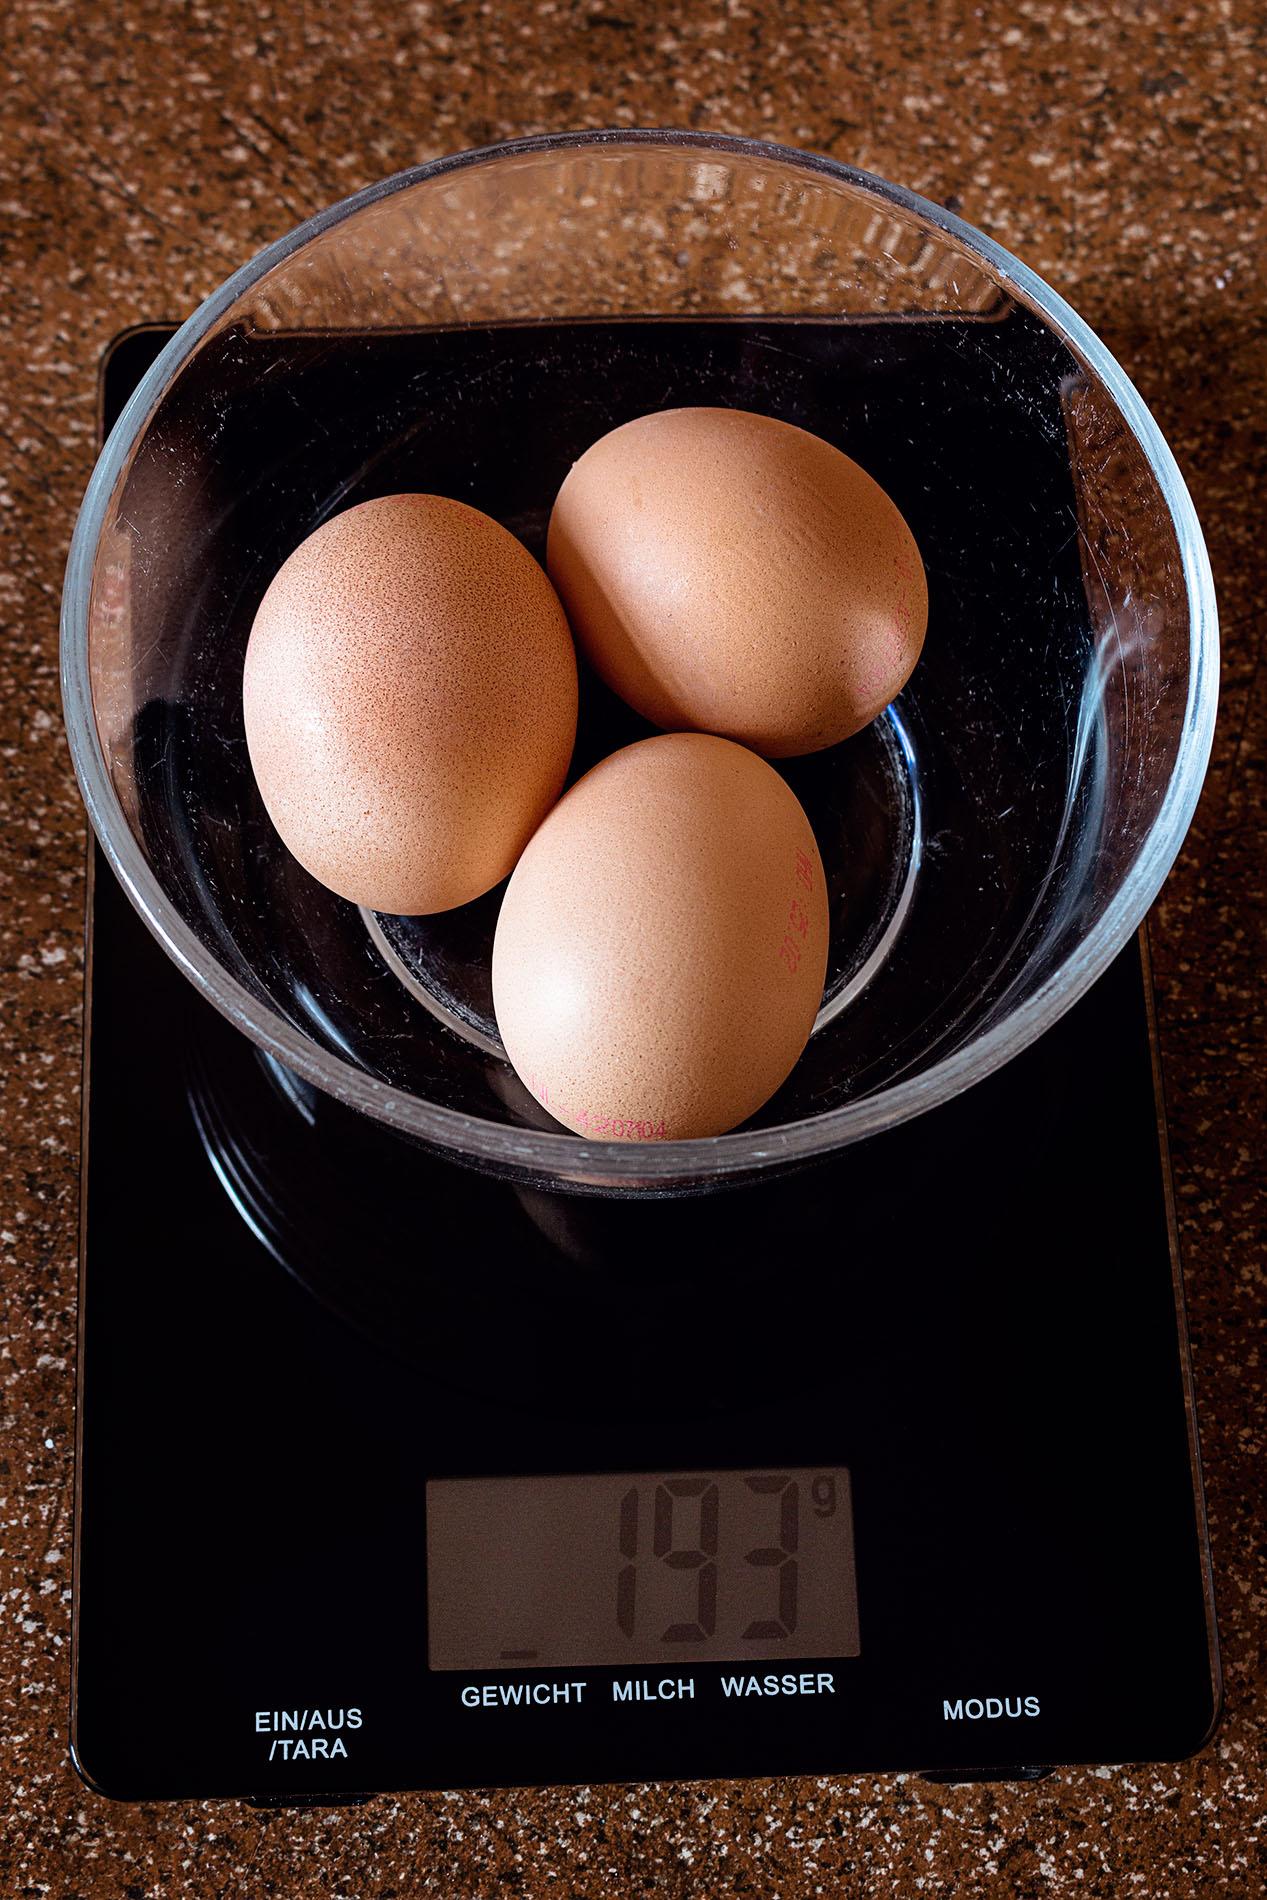 Eier auf der Küchenwaage